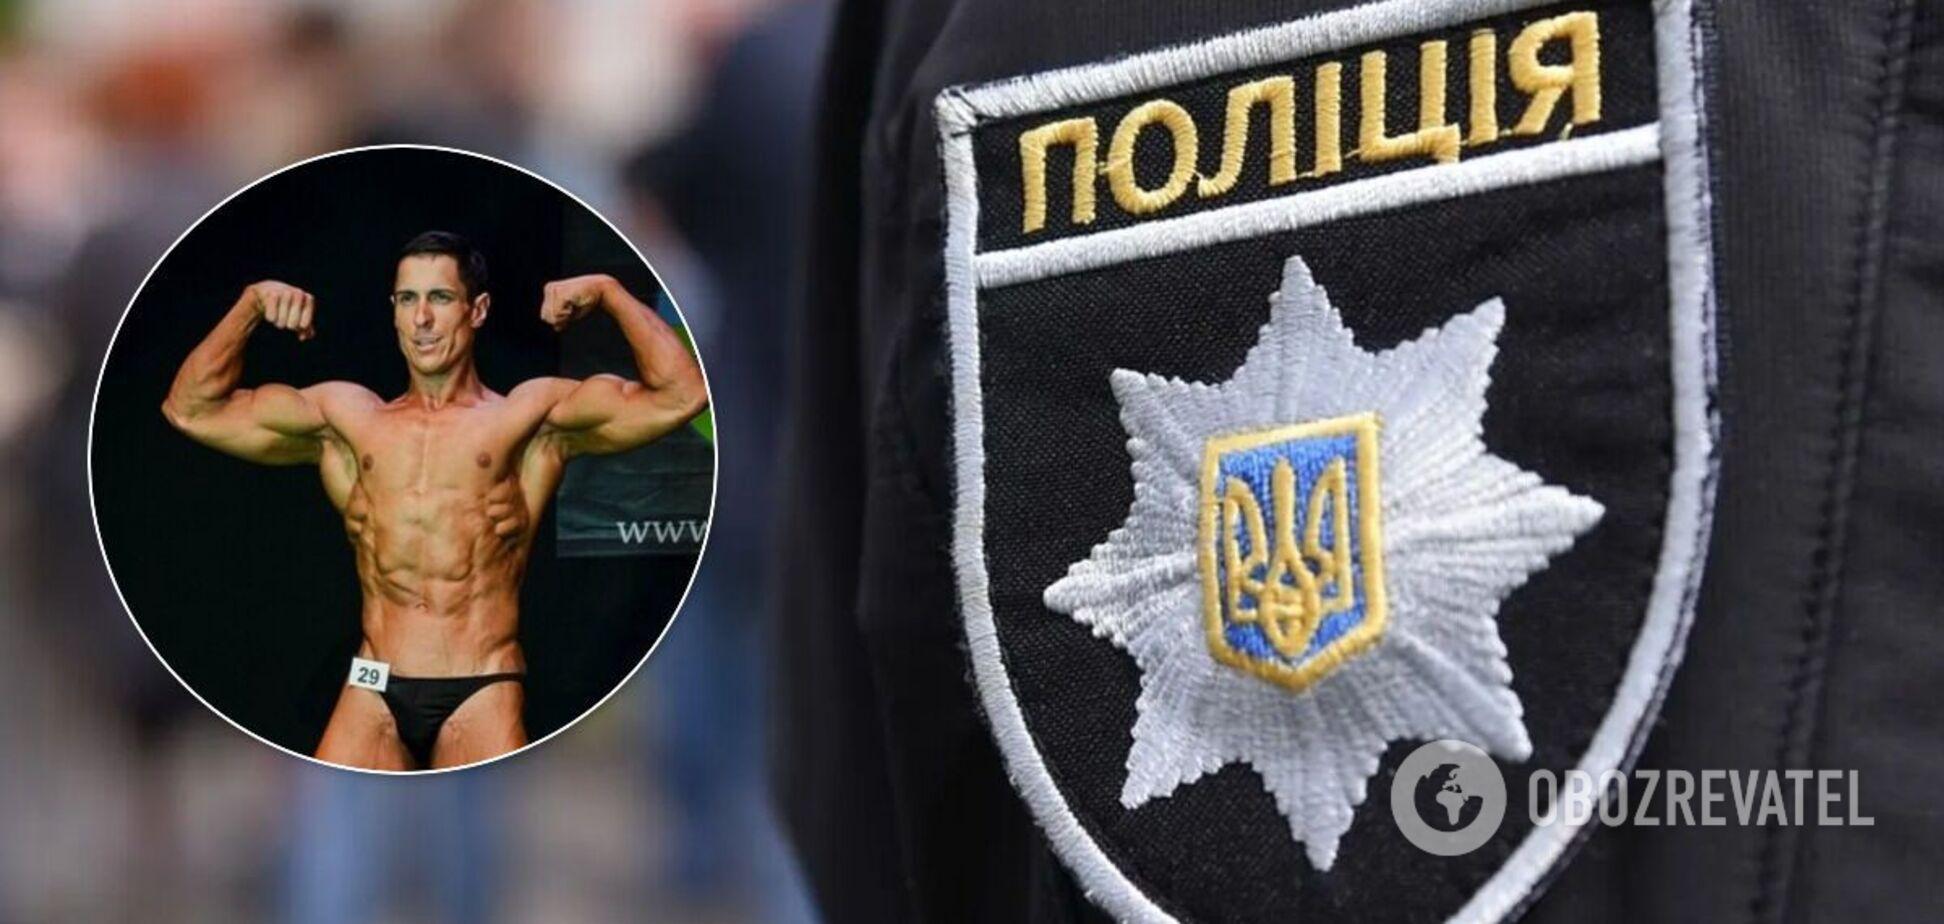 Андрій Подоба дворазовий чемпіон України